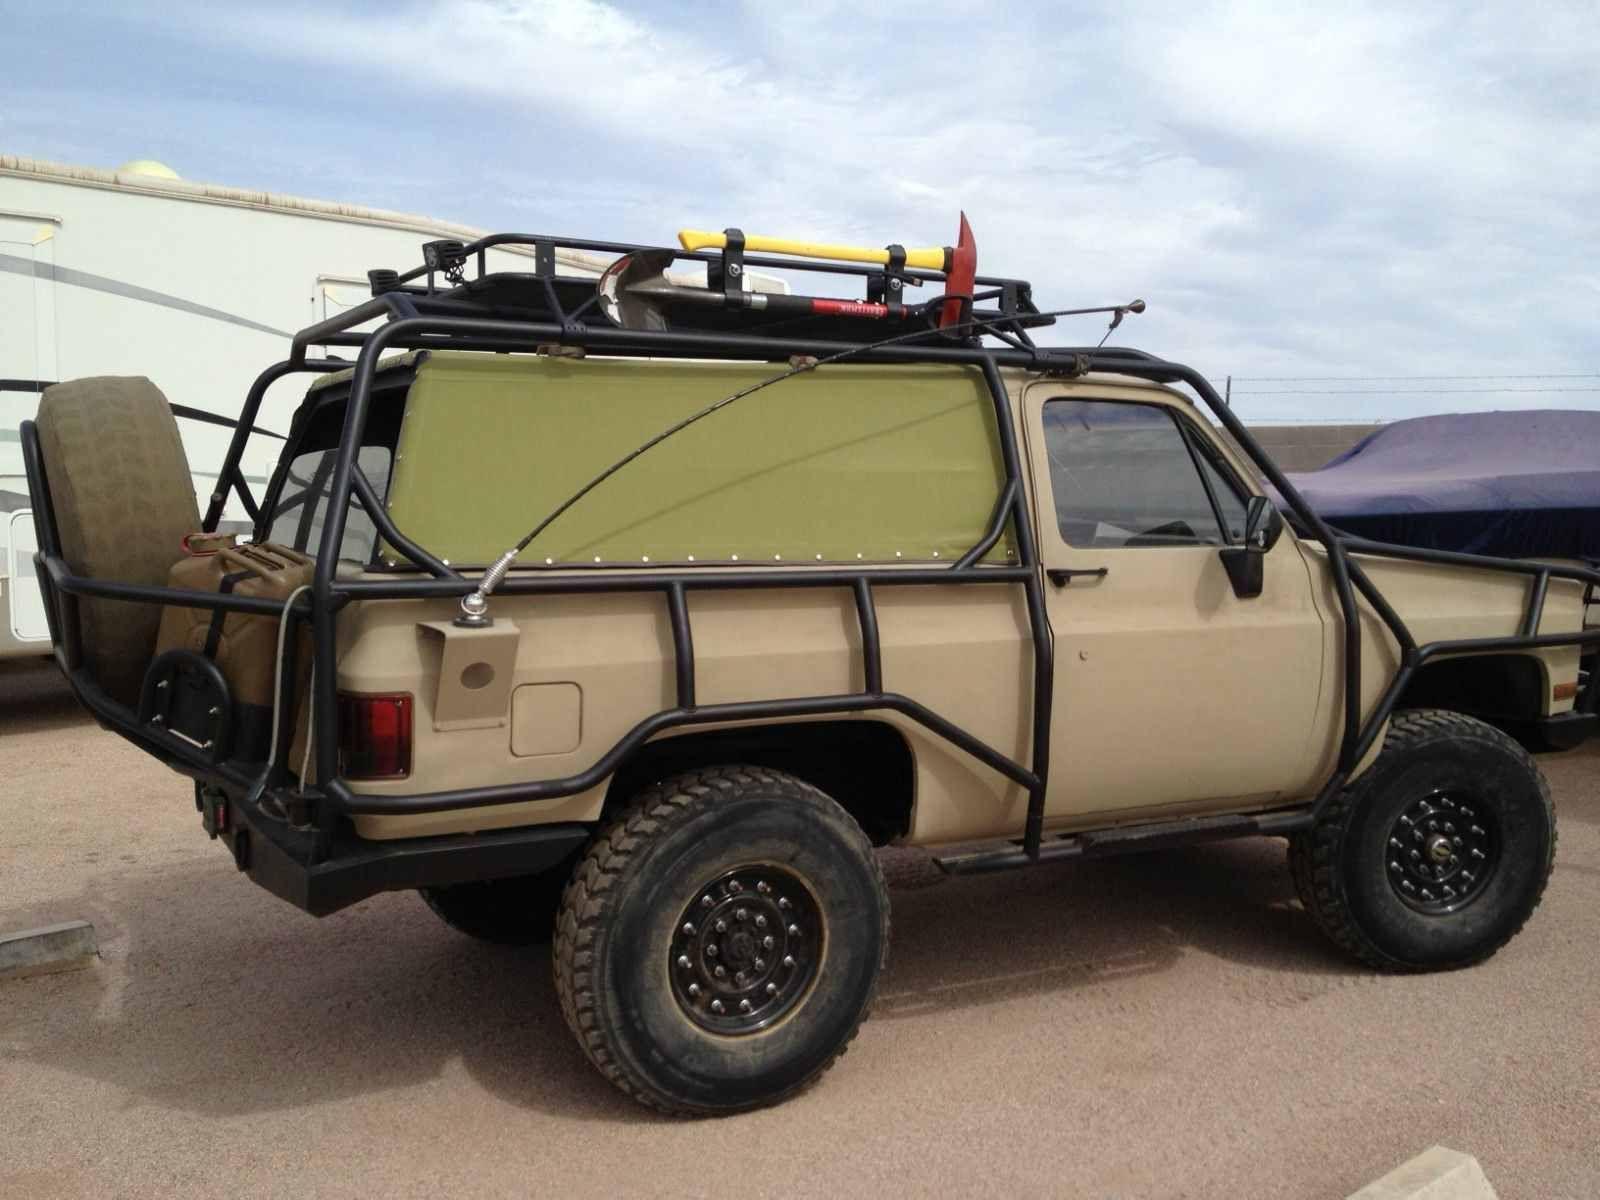 1986 Chevrolet K5 Blazer Chevrolet For Sale In Mesa Arizona At Heapsofcars K5 Blazer Chevrolet Blazer Chevy